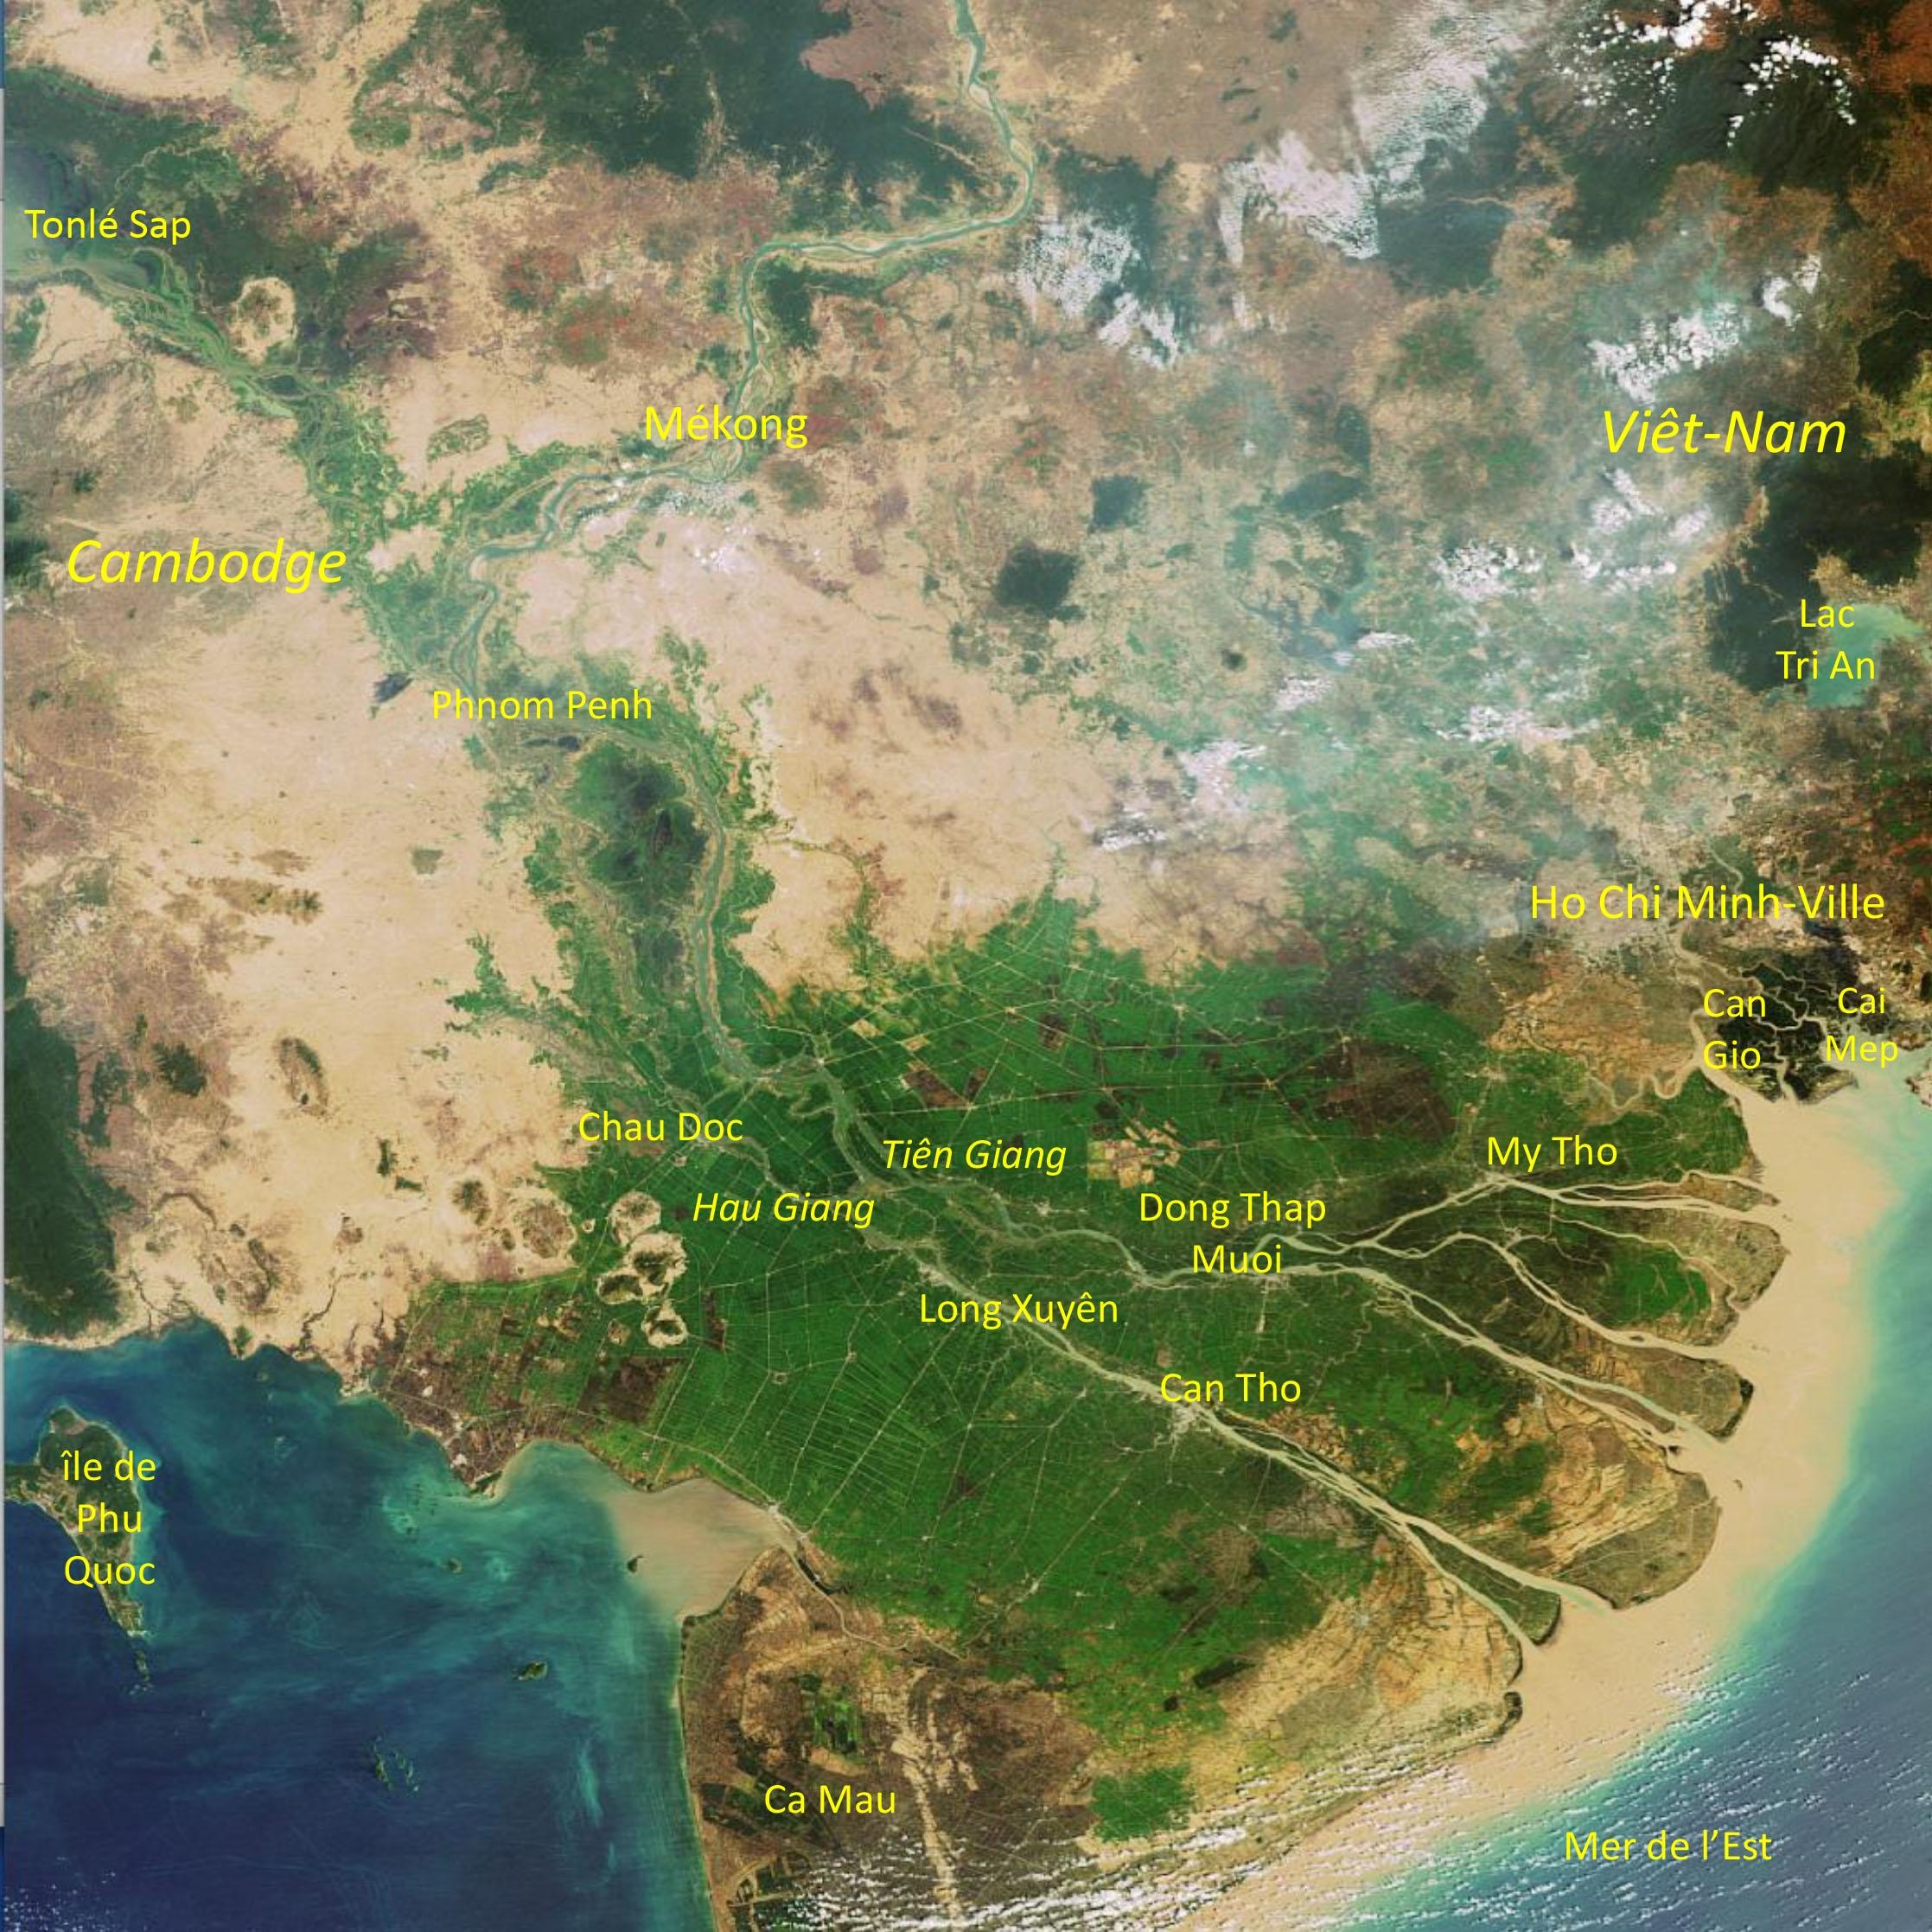 em_envisat_image_of_the_mekong_delta_in_vietnam_leg.jpg